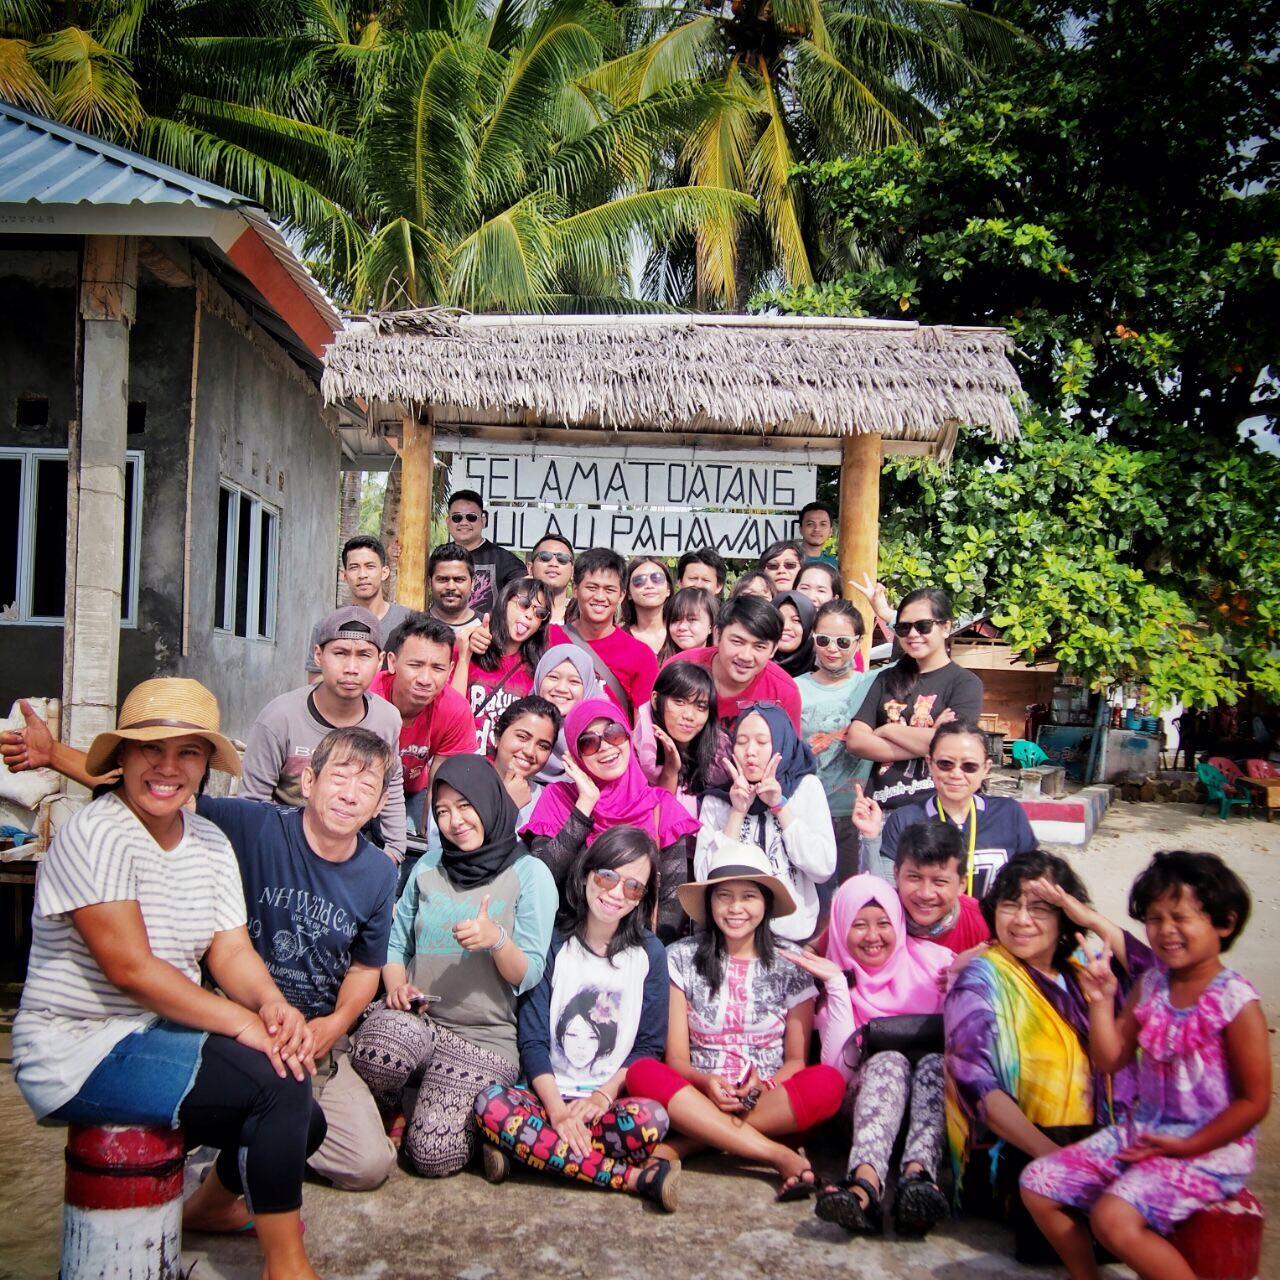 PAKET WISATA Pulau Pahawang Dari Jakarta Dan Sekitarnya